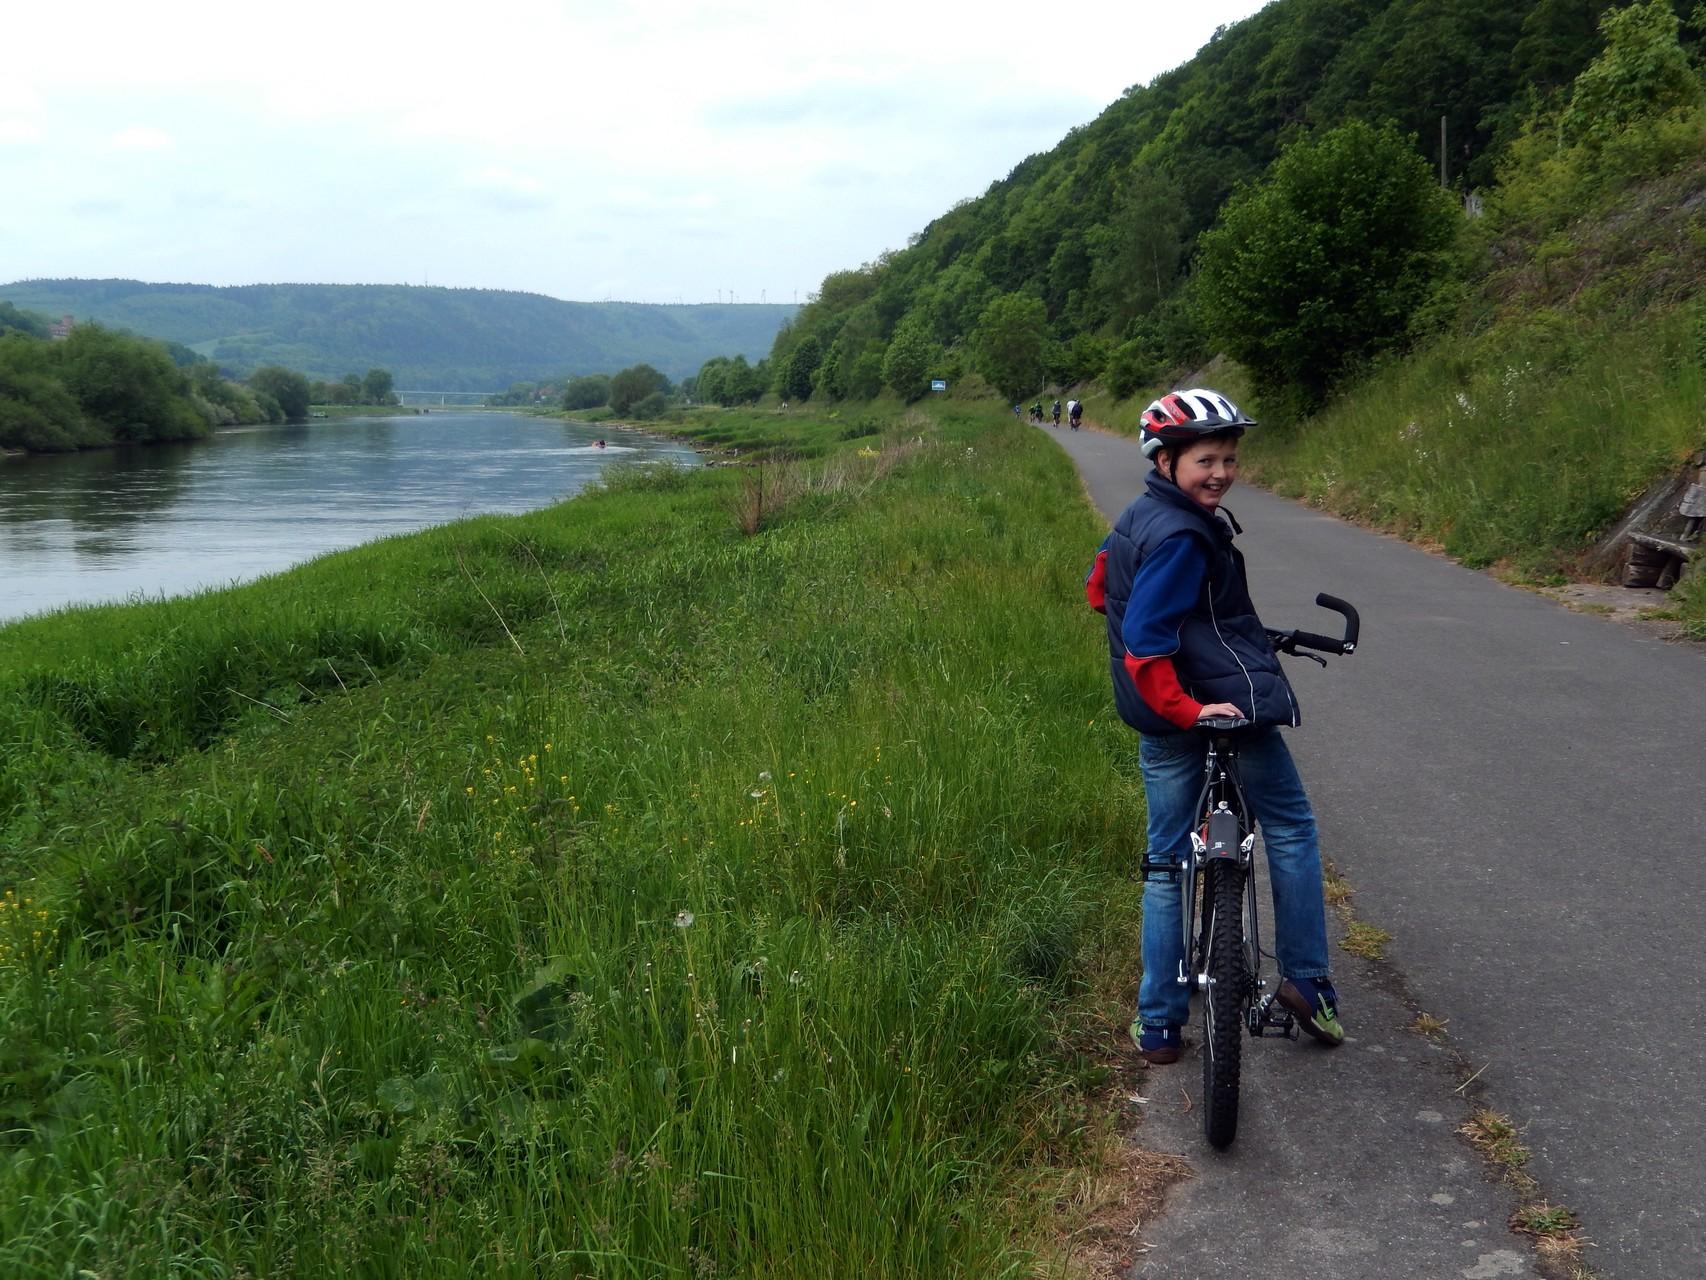 auf dem Radweg direkt an der Weser unterhalb der Hannover´schen Klippen